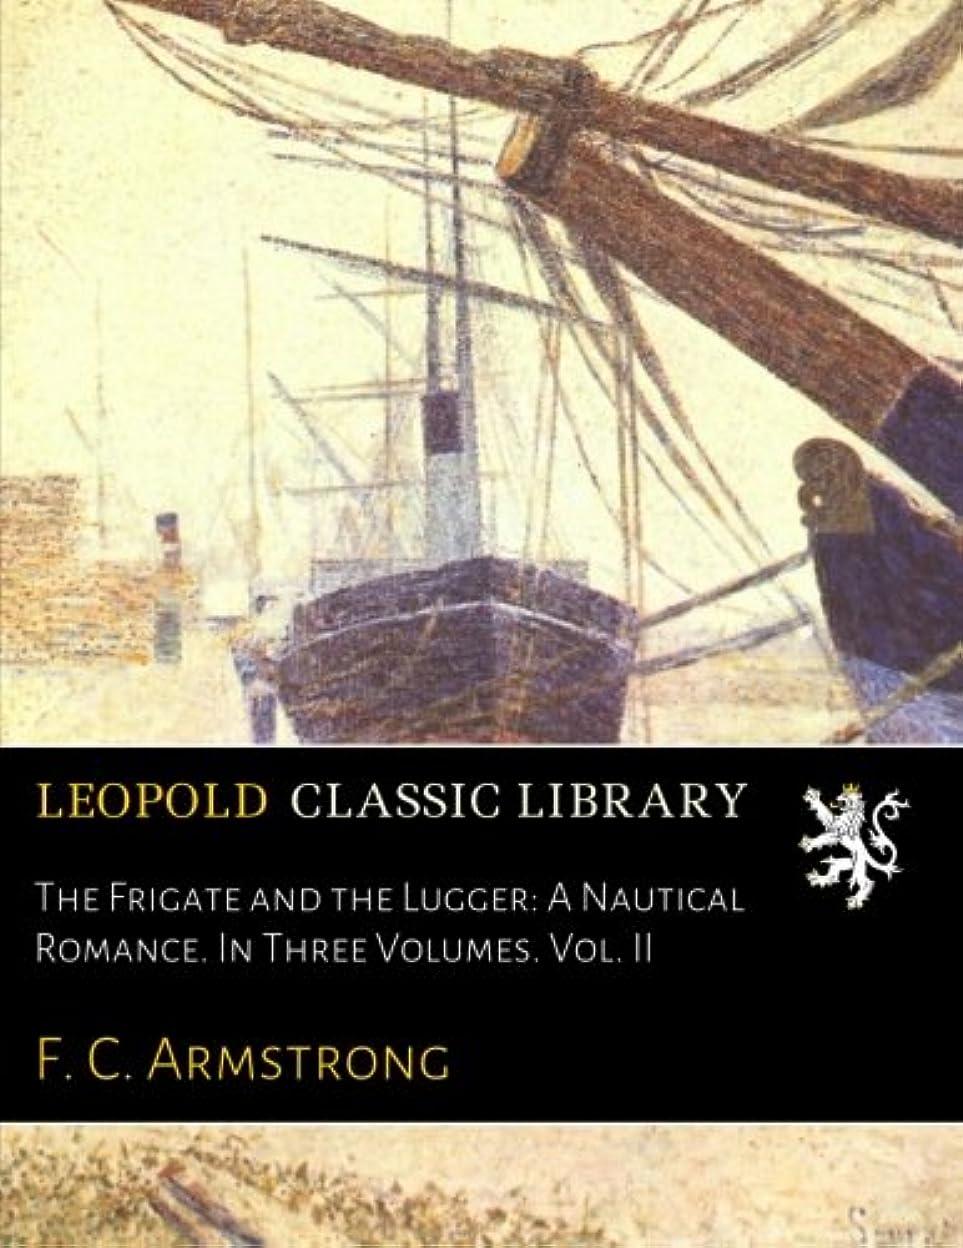 蜜なんでも生きているThe Frigate and the Lugger: A Nautical Romance. In Three Volumes. Vol. II